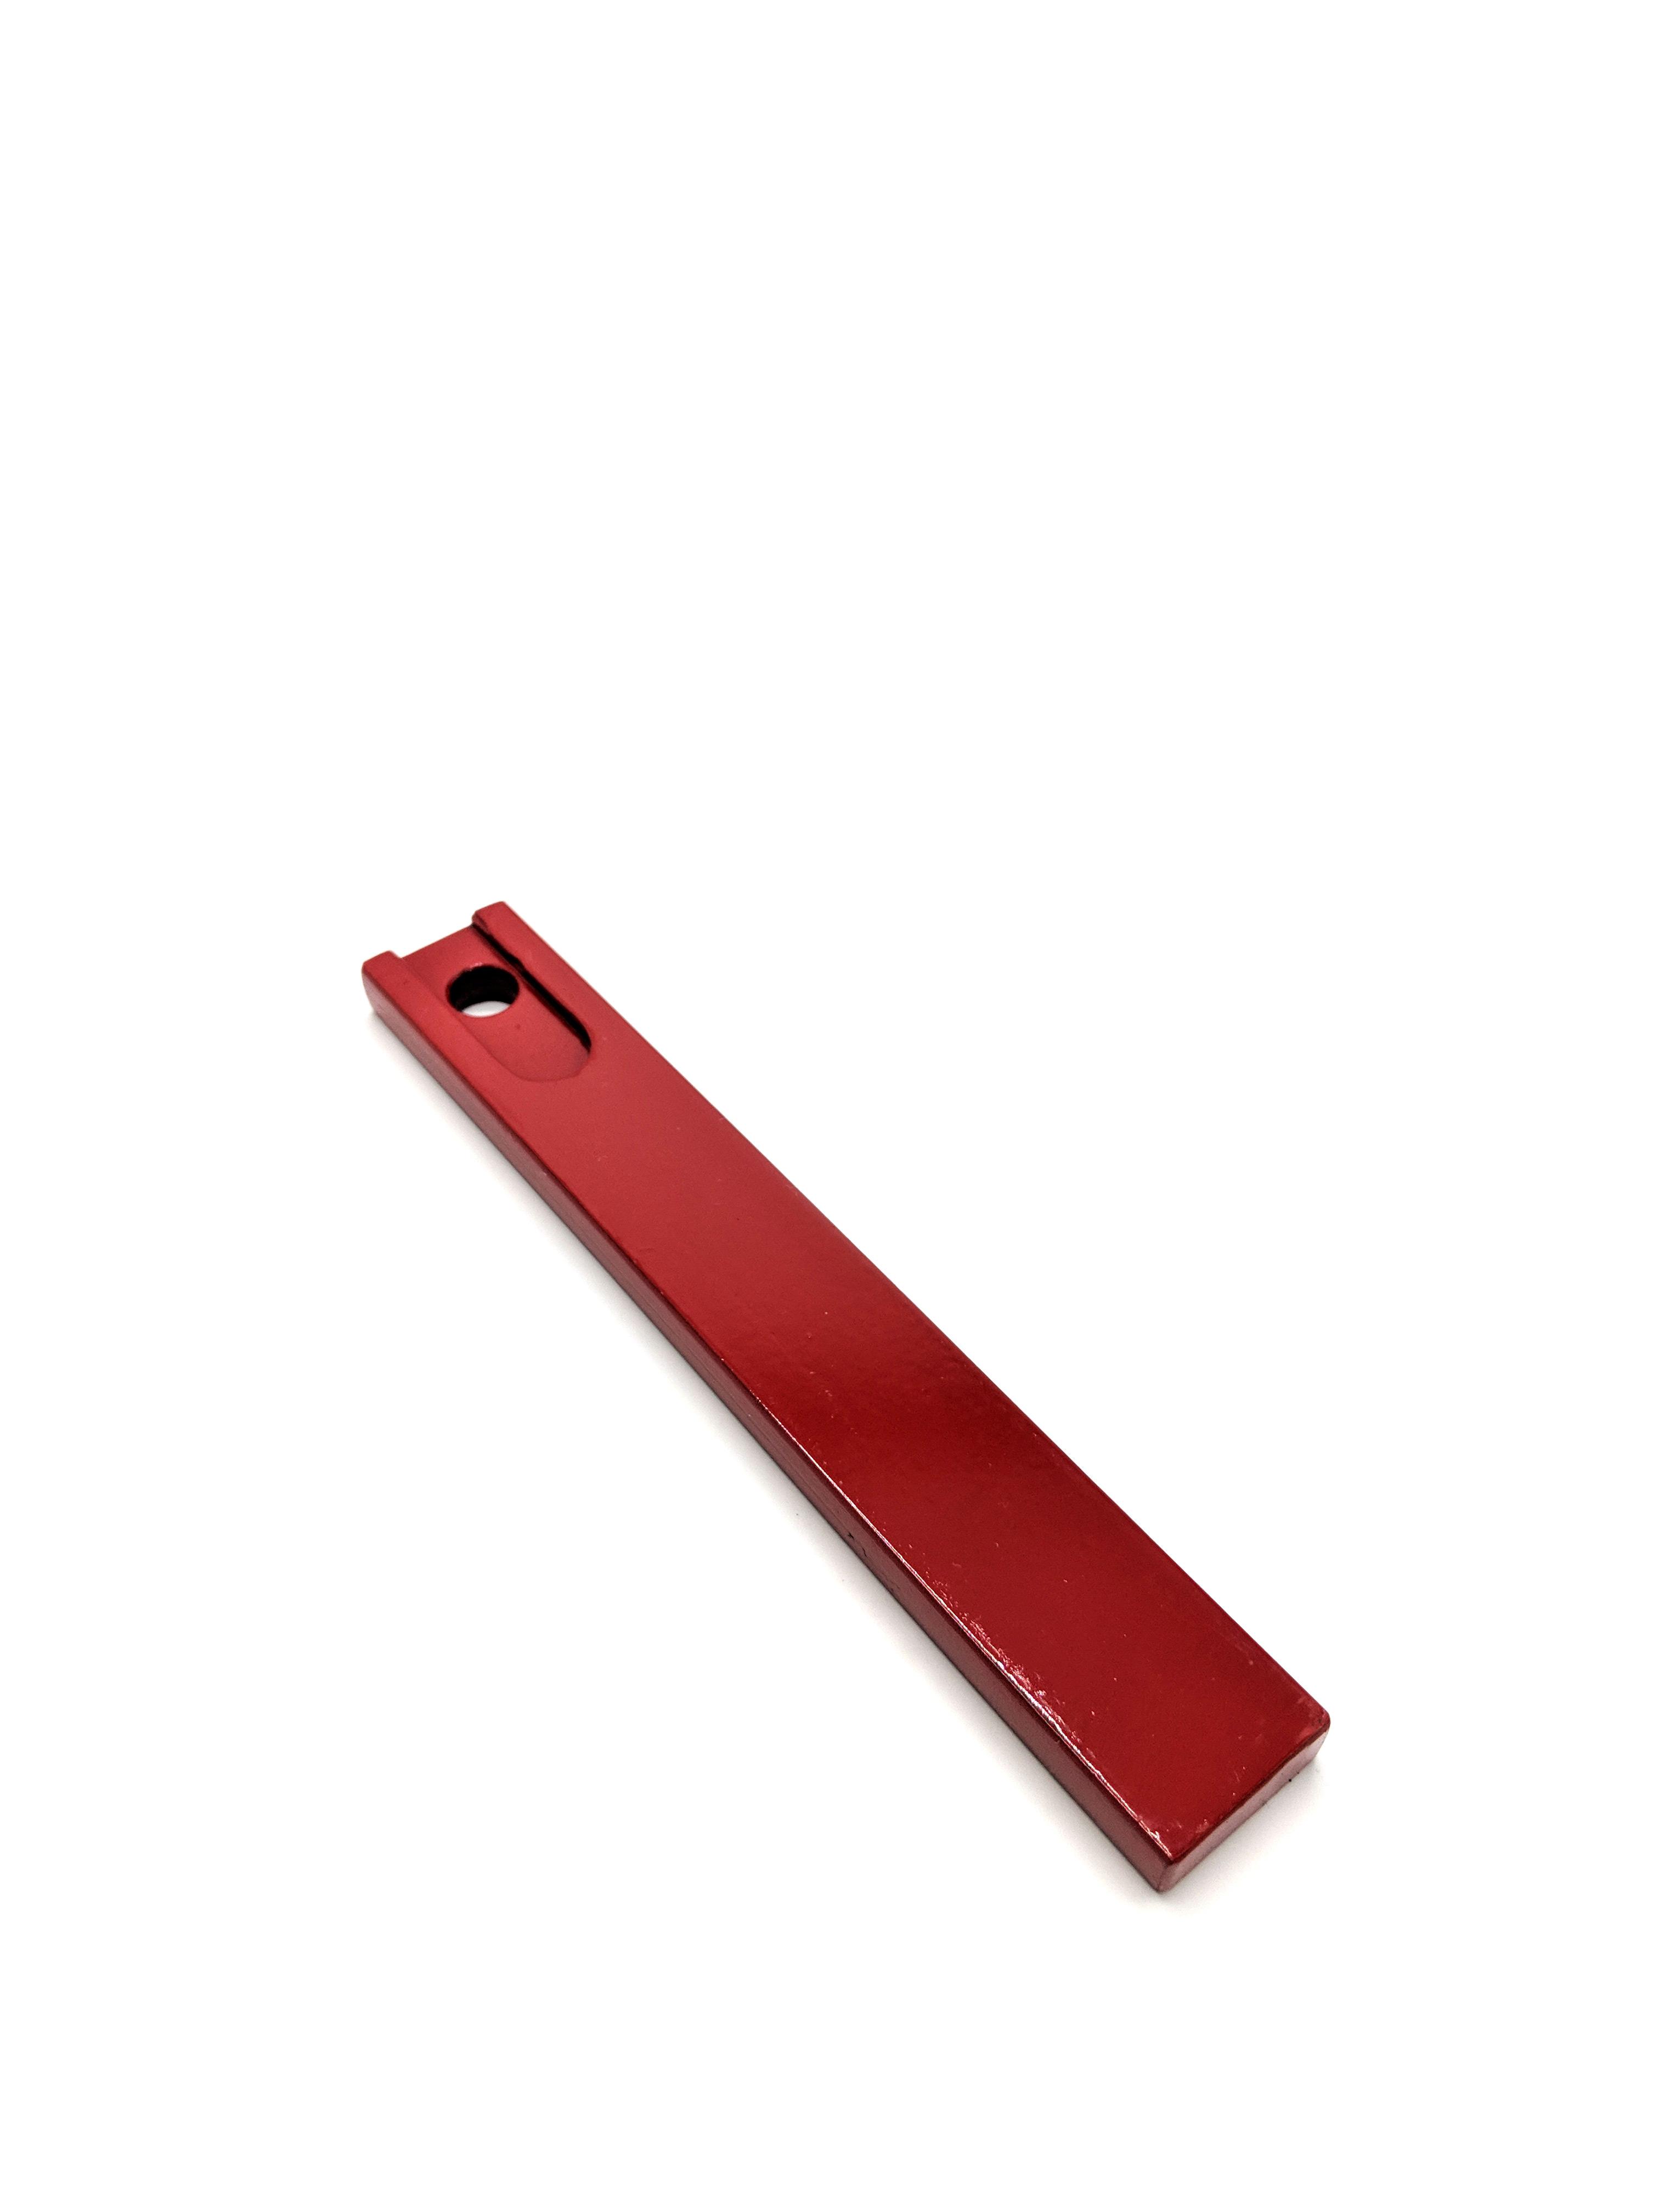 Low Crop Tool Holder 8 inch - Thiessen